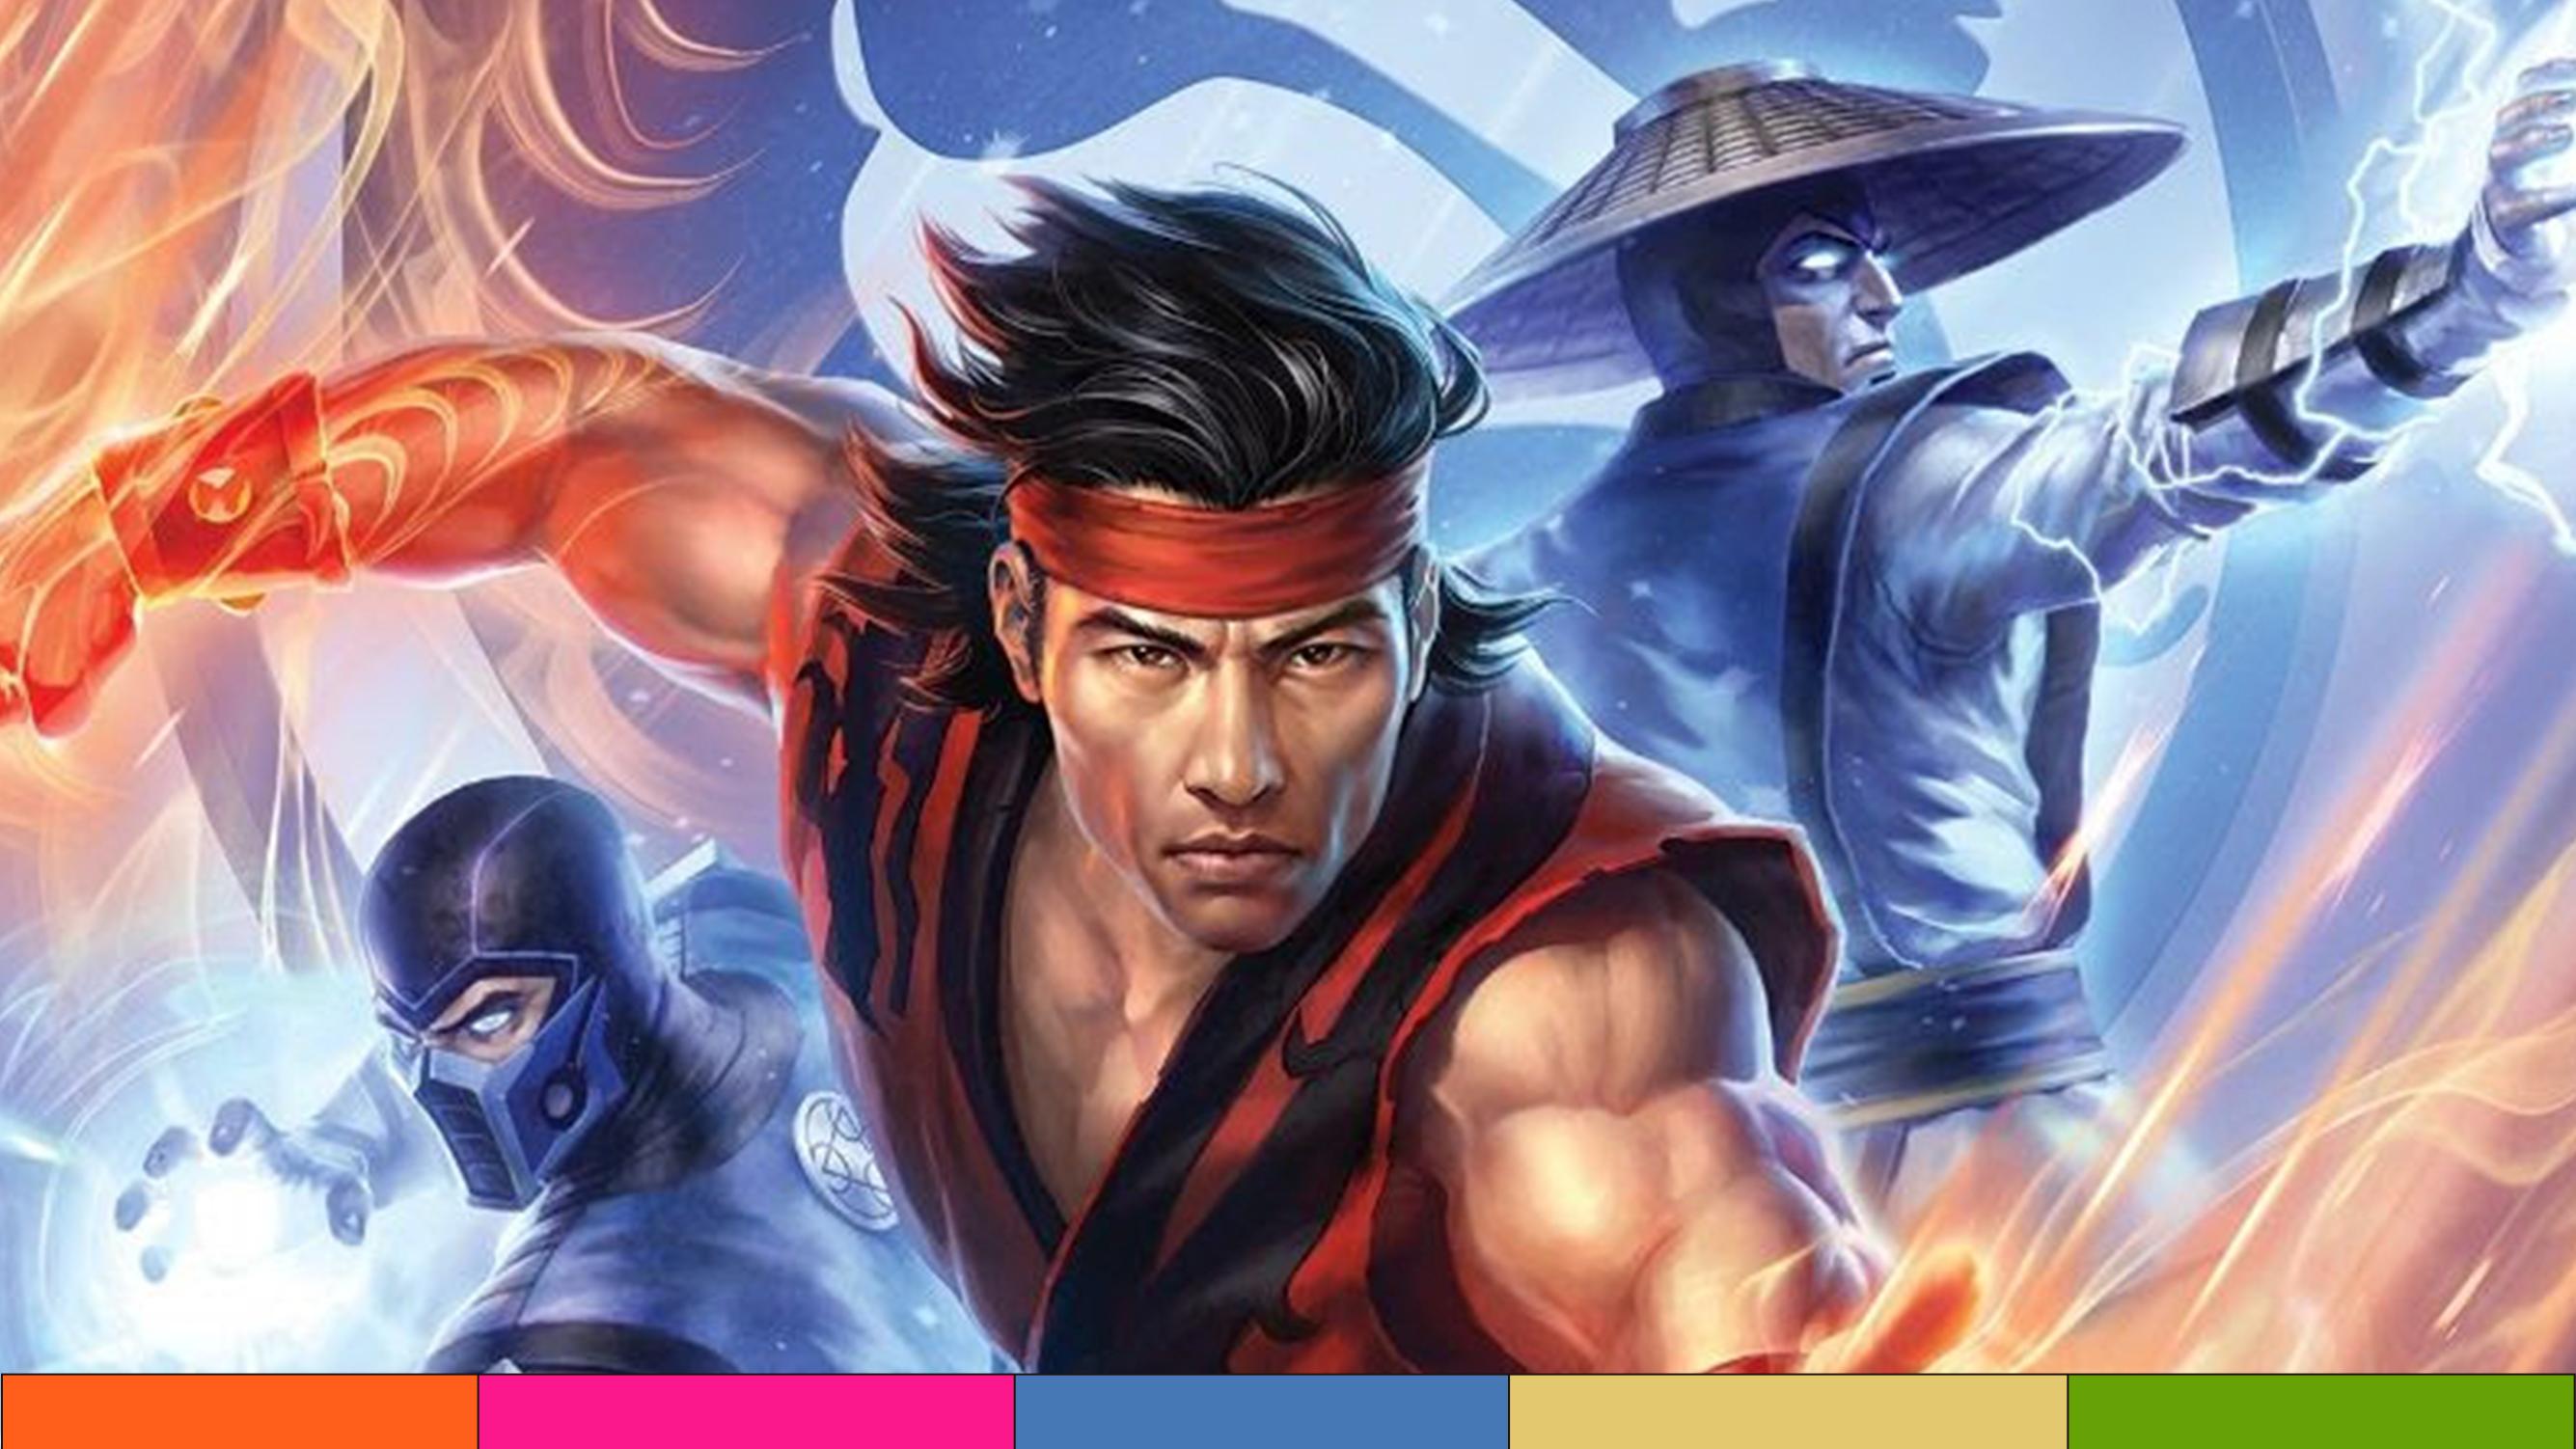 Ya puedes acceder a Mortal Kombat Leyendas en casa